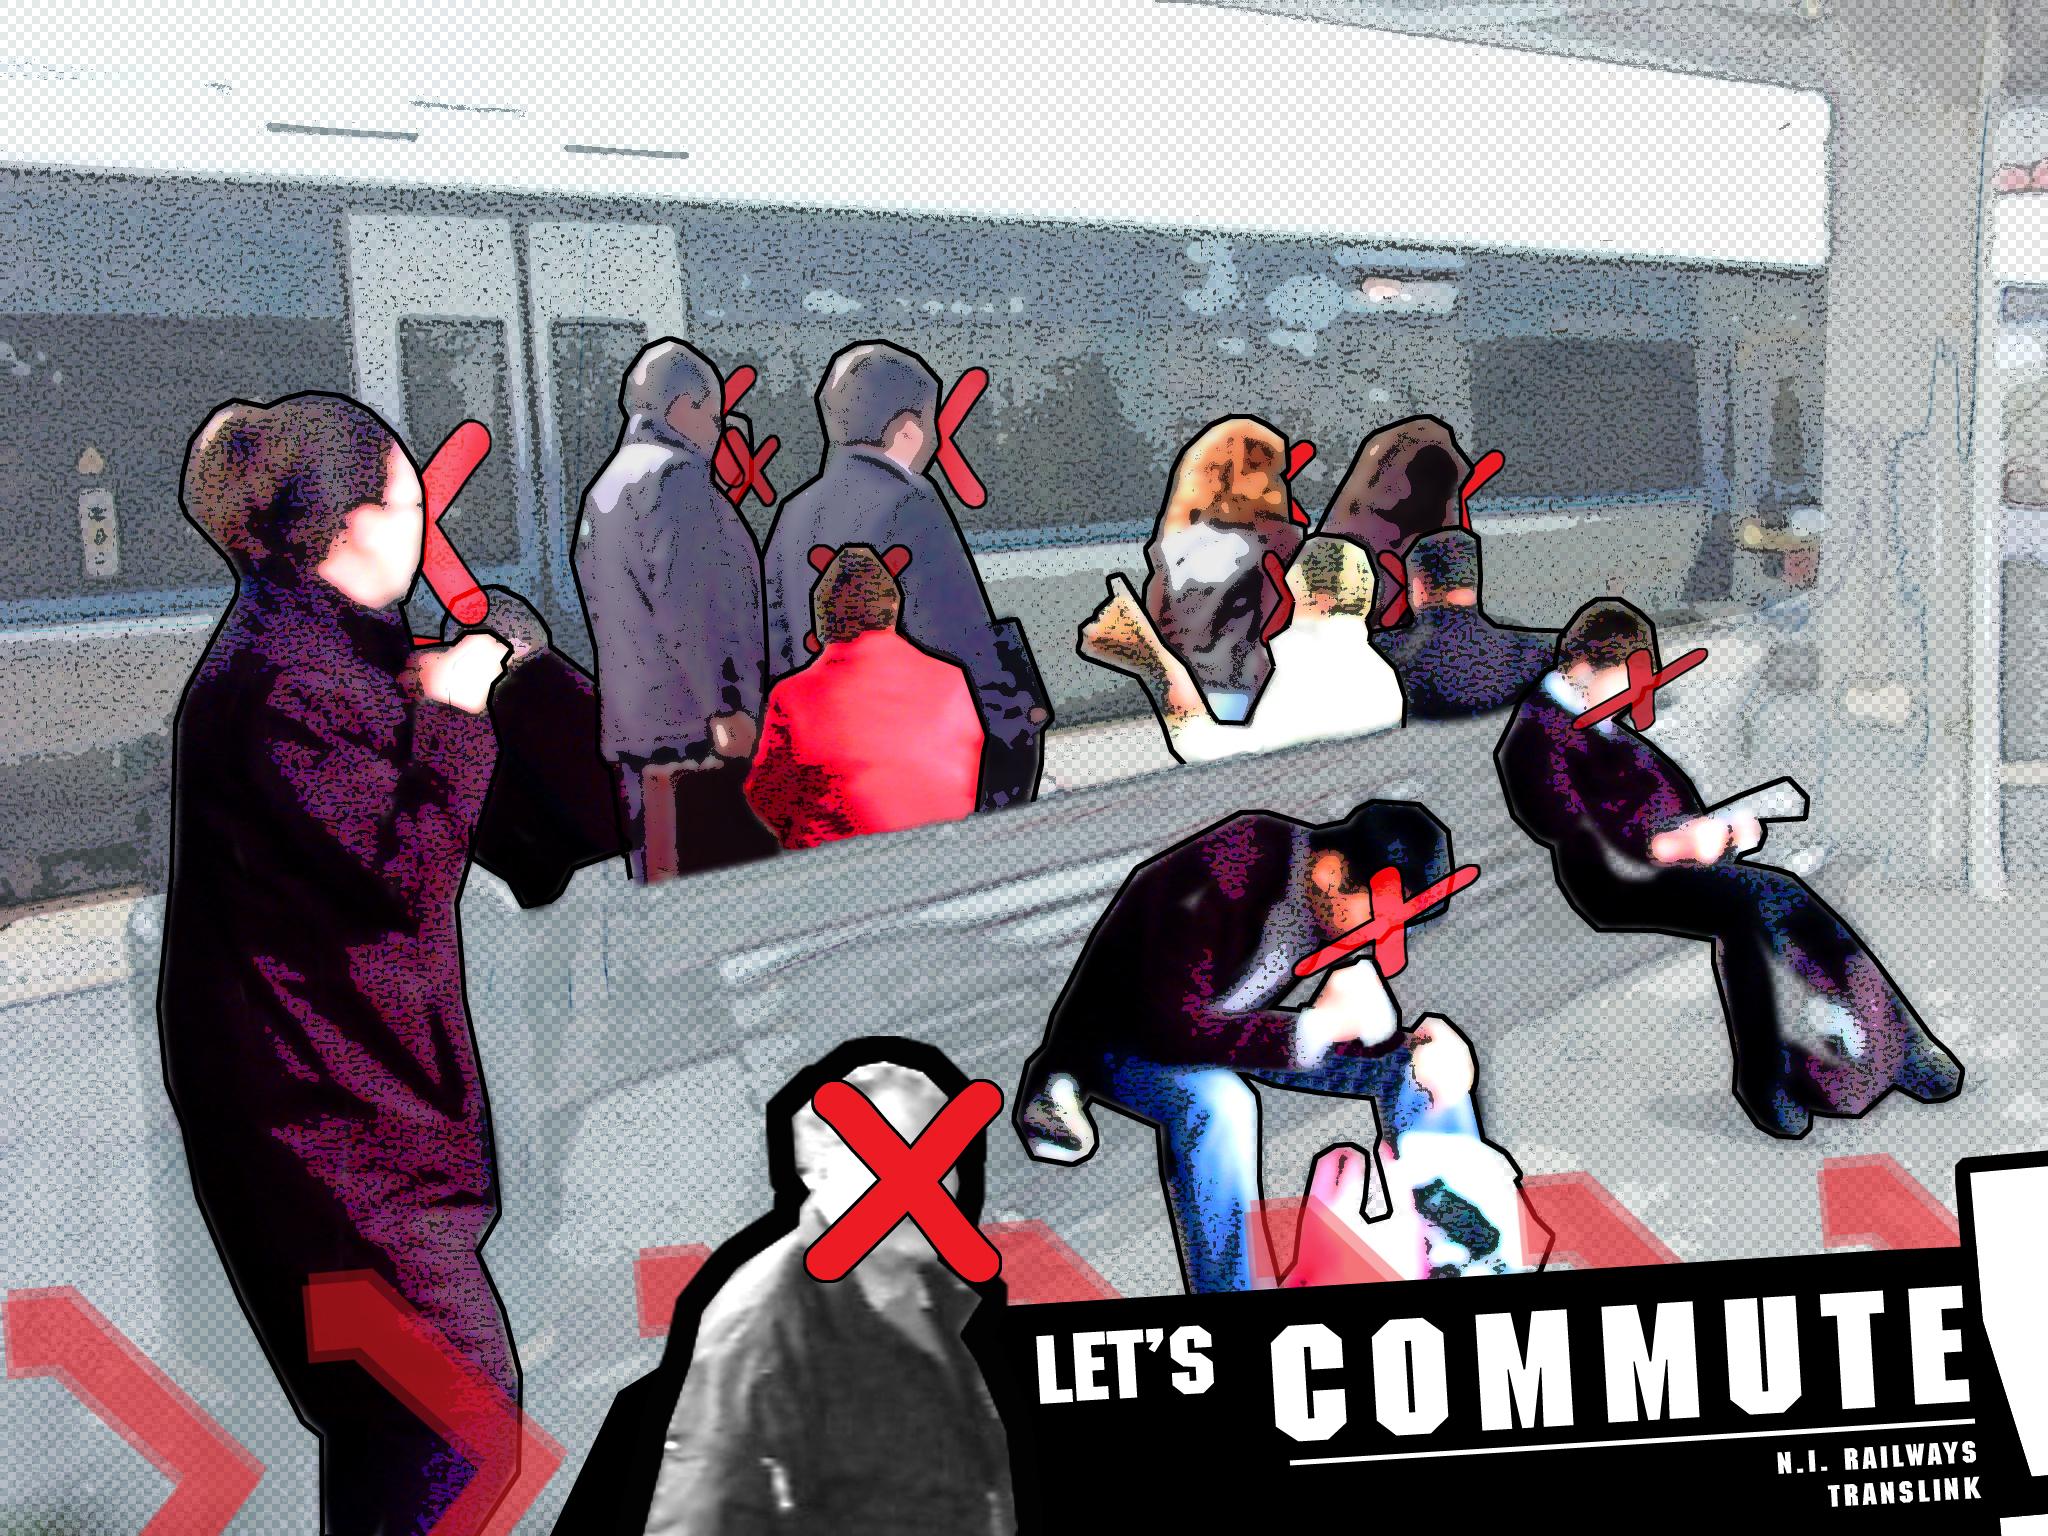 Let's commute!